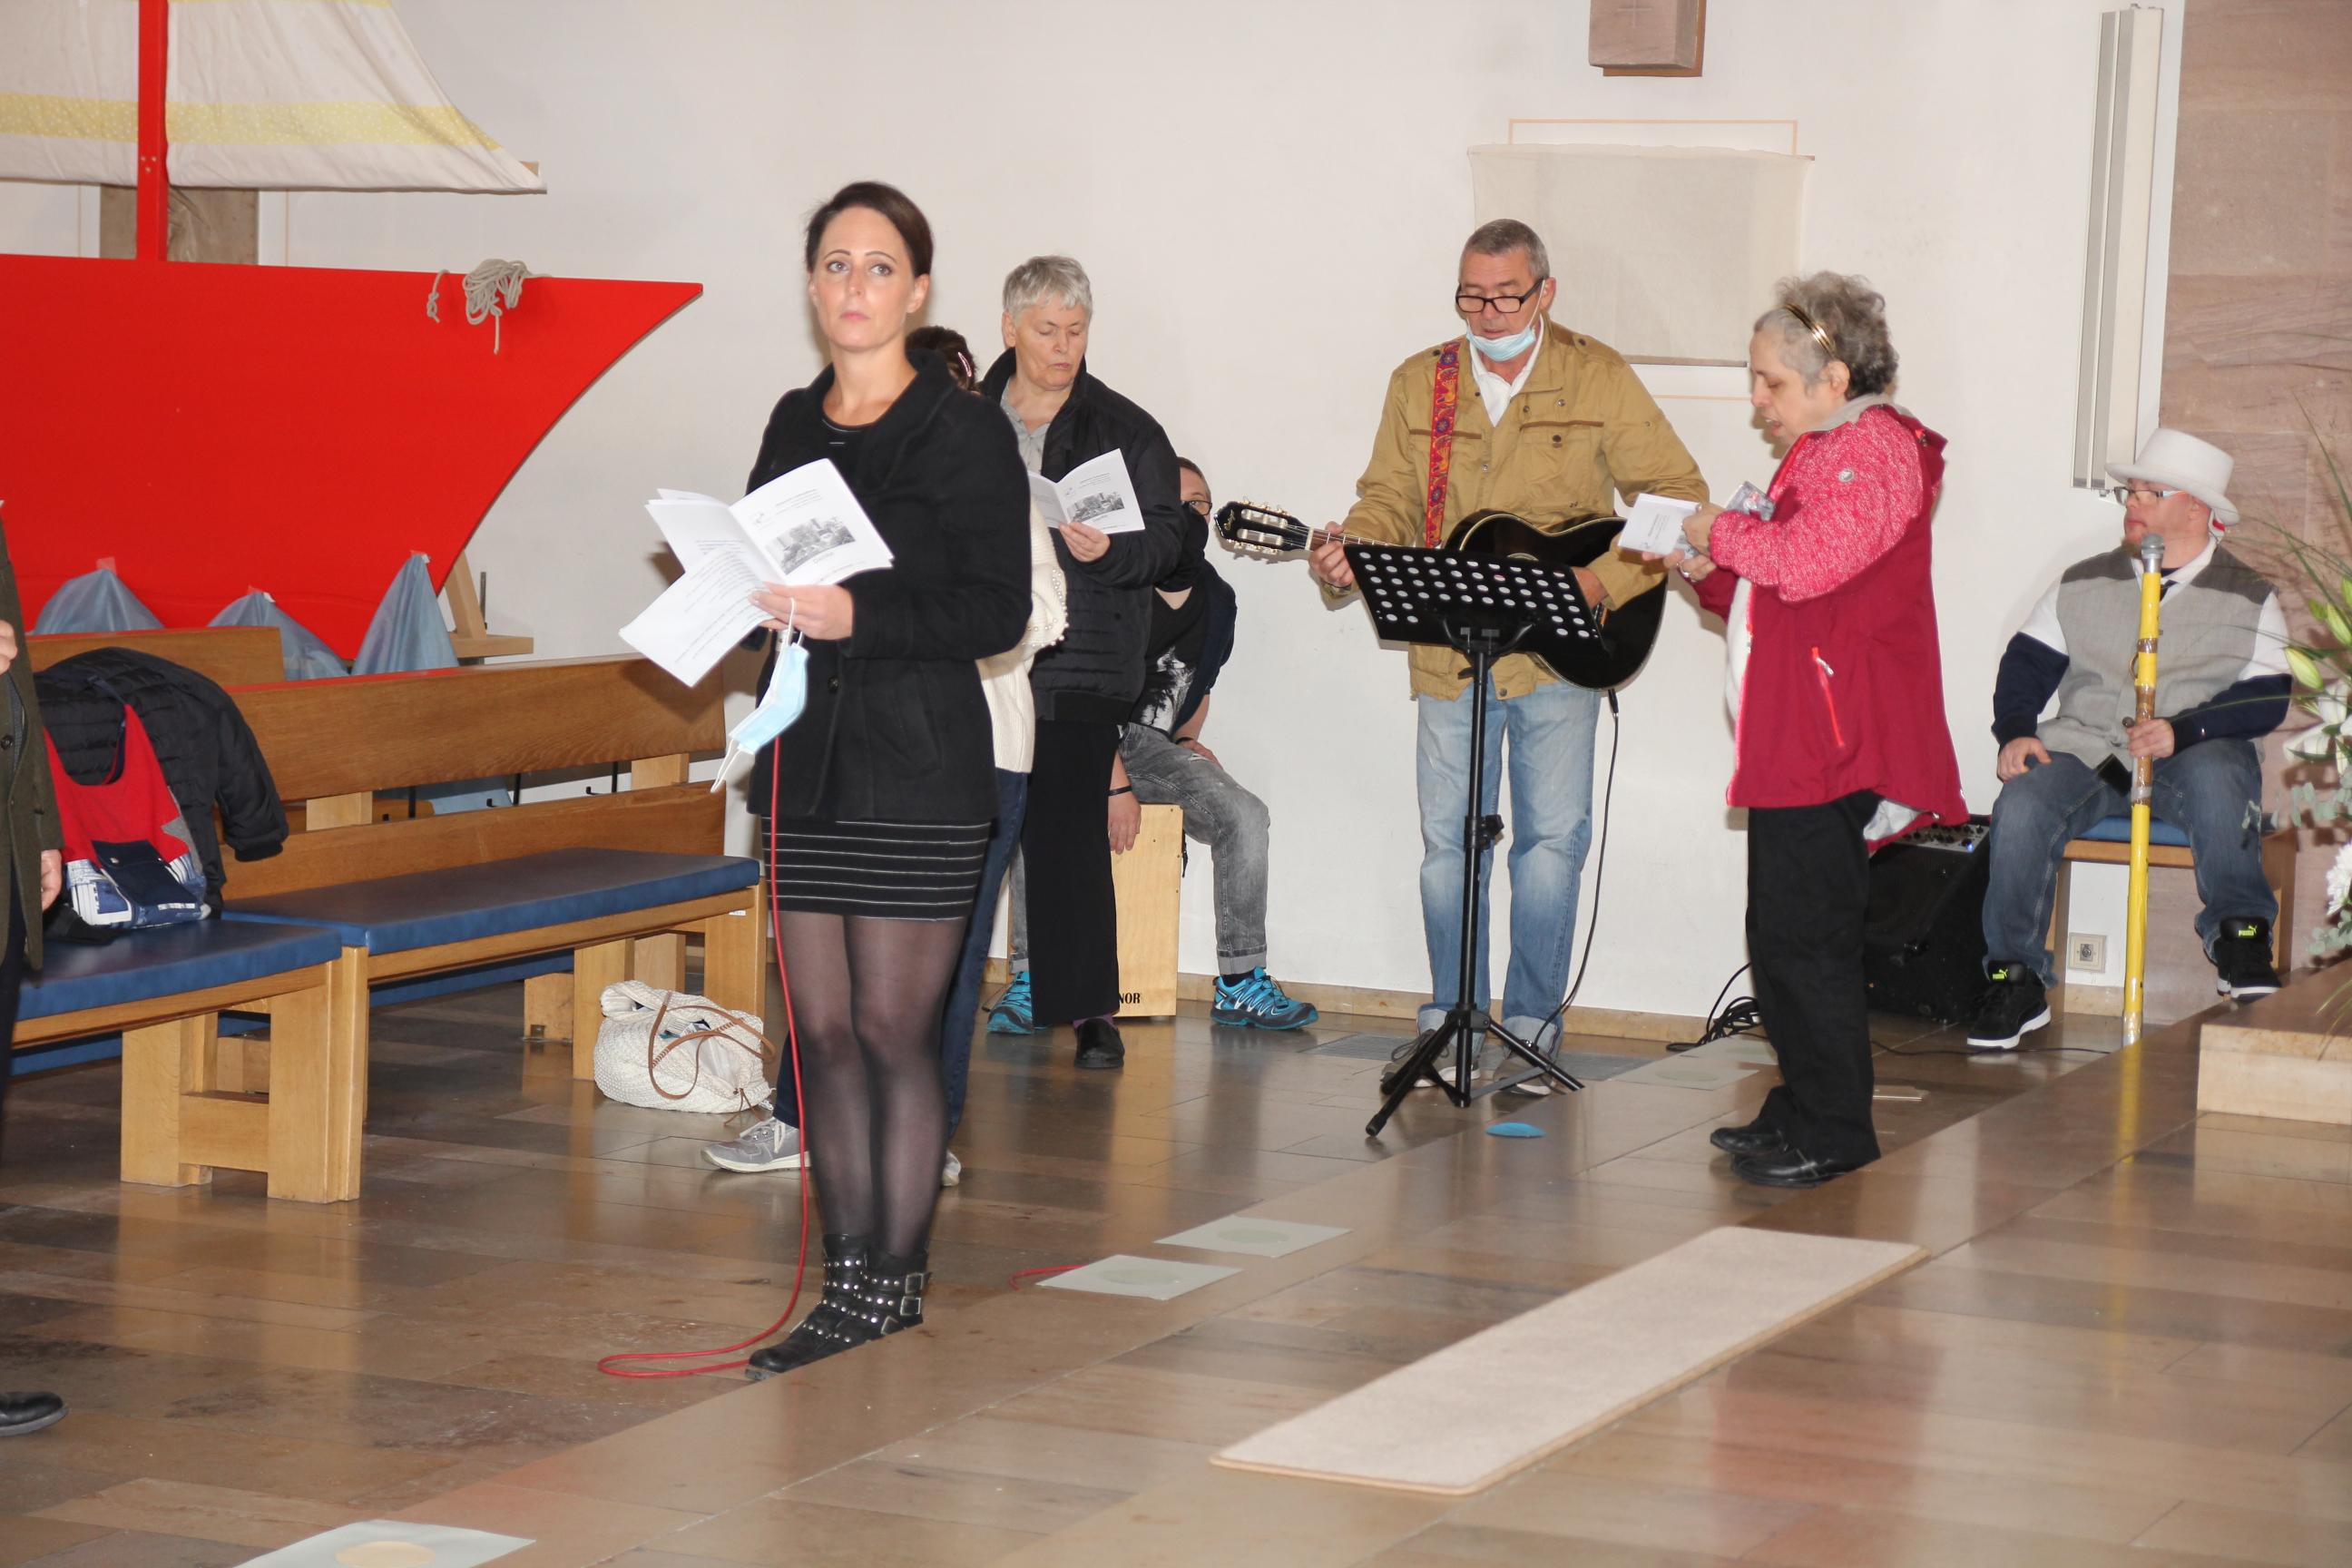 Schmetterlinge mittendrin: Auftritt der Lebenshilfe-Band beim Mittendrin-Gottesdienst in St. Otto am Erntedank-Sonntag.